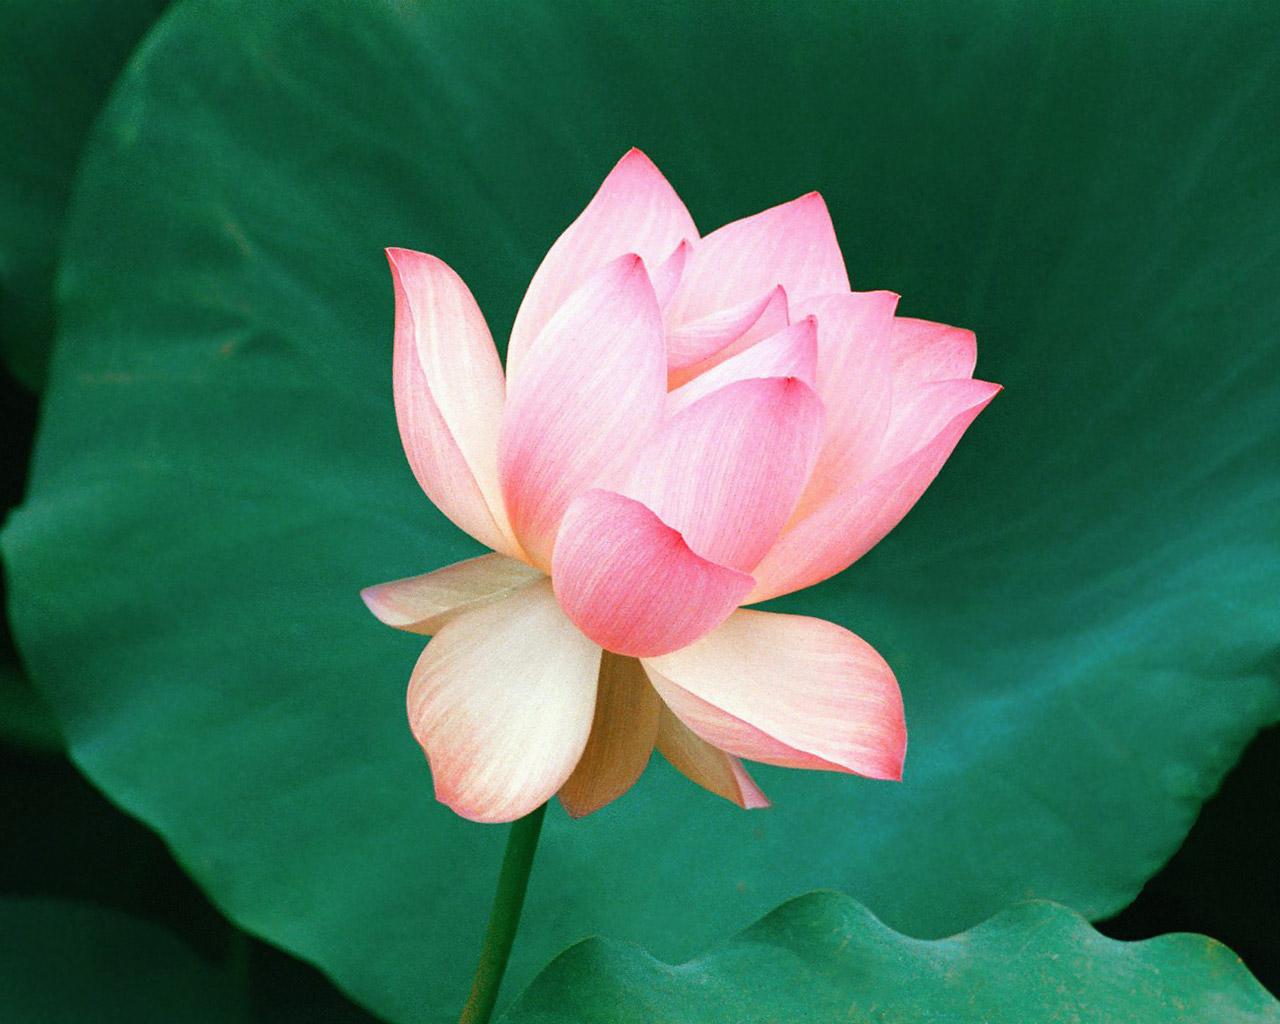 http://3.bp.blogspot.com/-eG1ER3Lz_pA/T1ctNnq5nbI/AAAAAAAAGtM/5nXuDcn19T4/s1600/Best+lotus+flower+wallpapers+(9).jpg